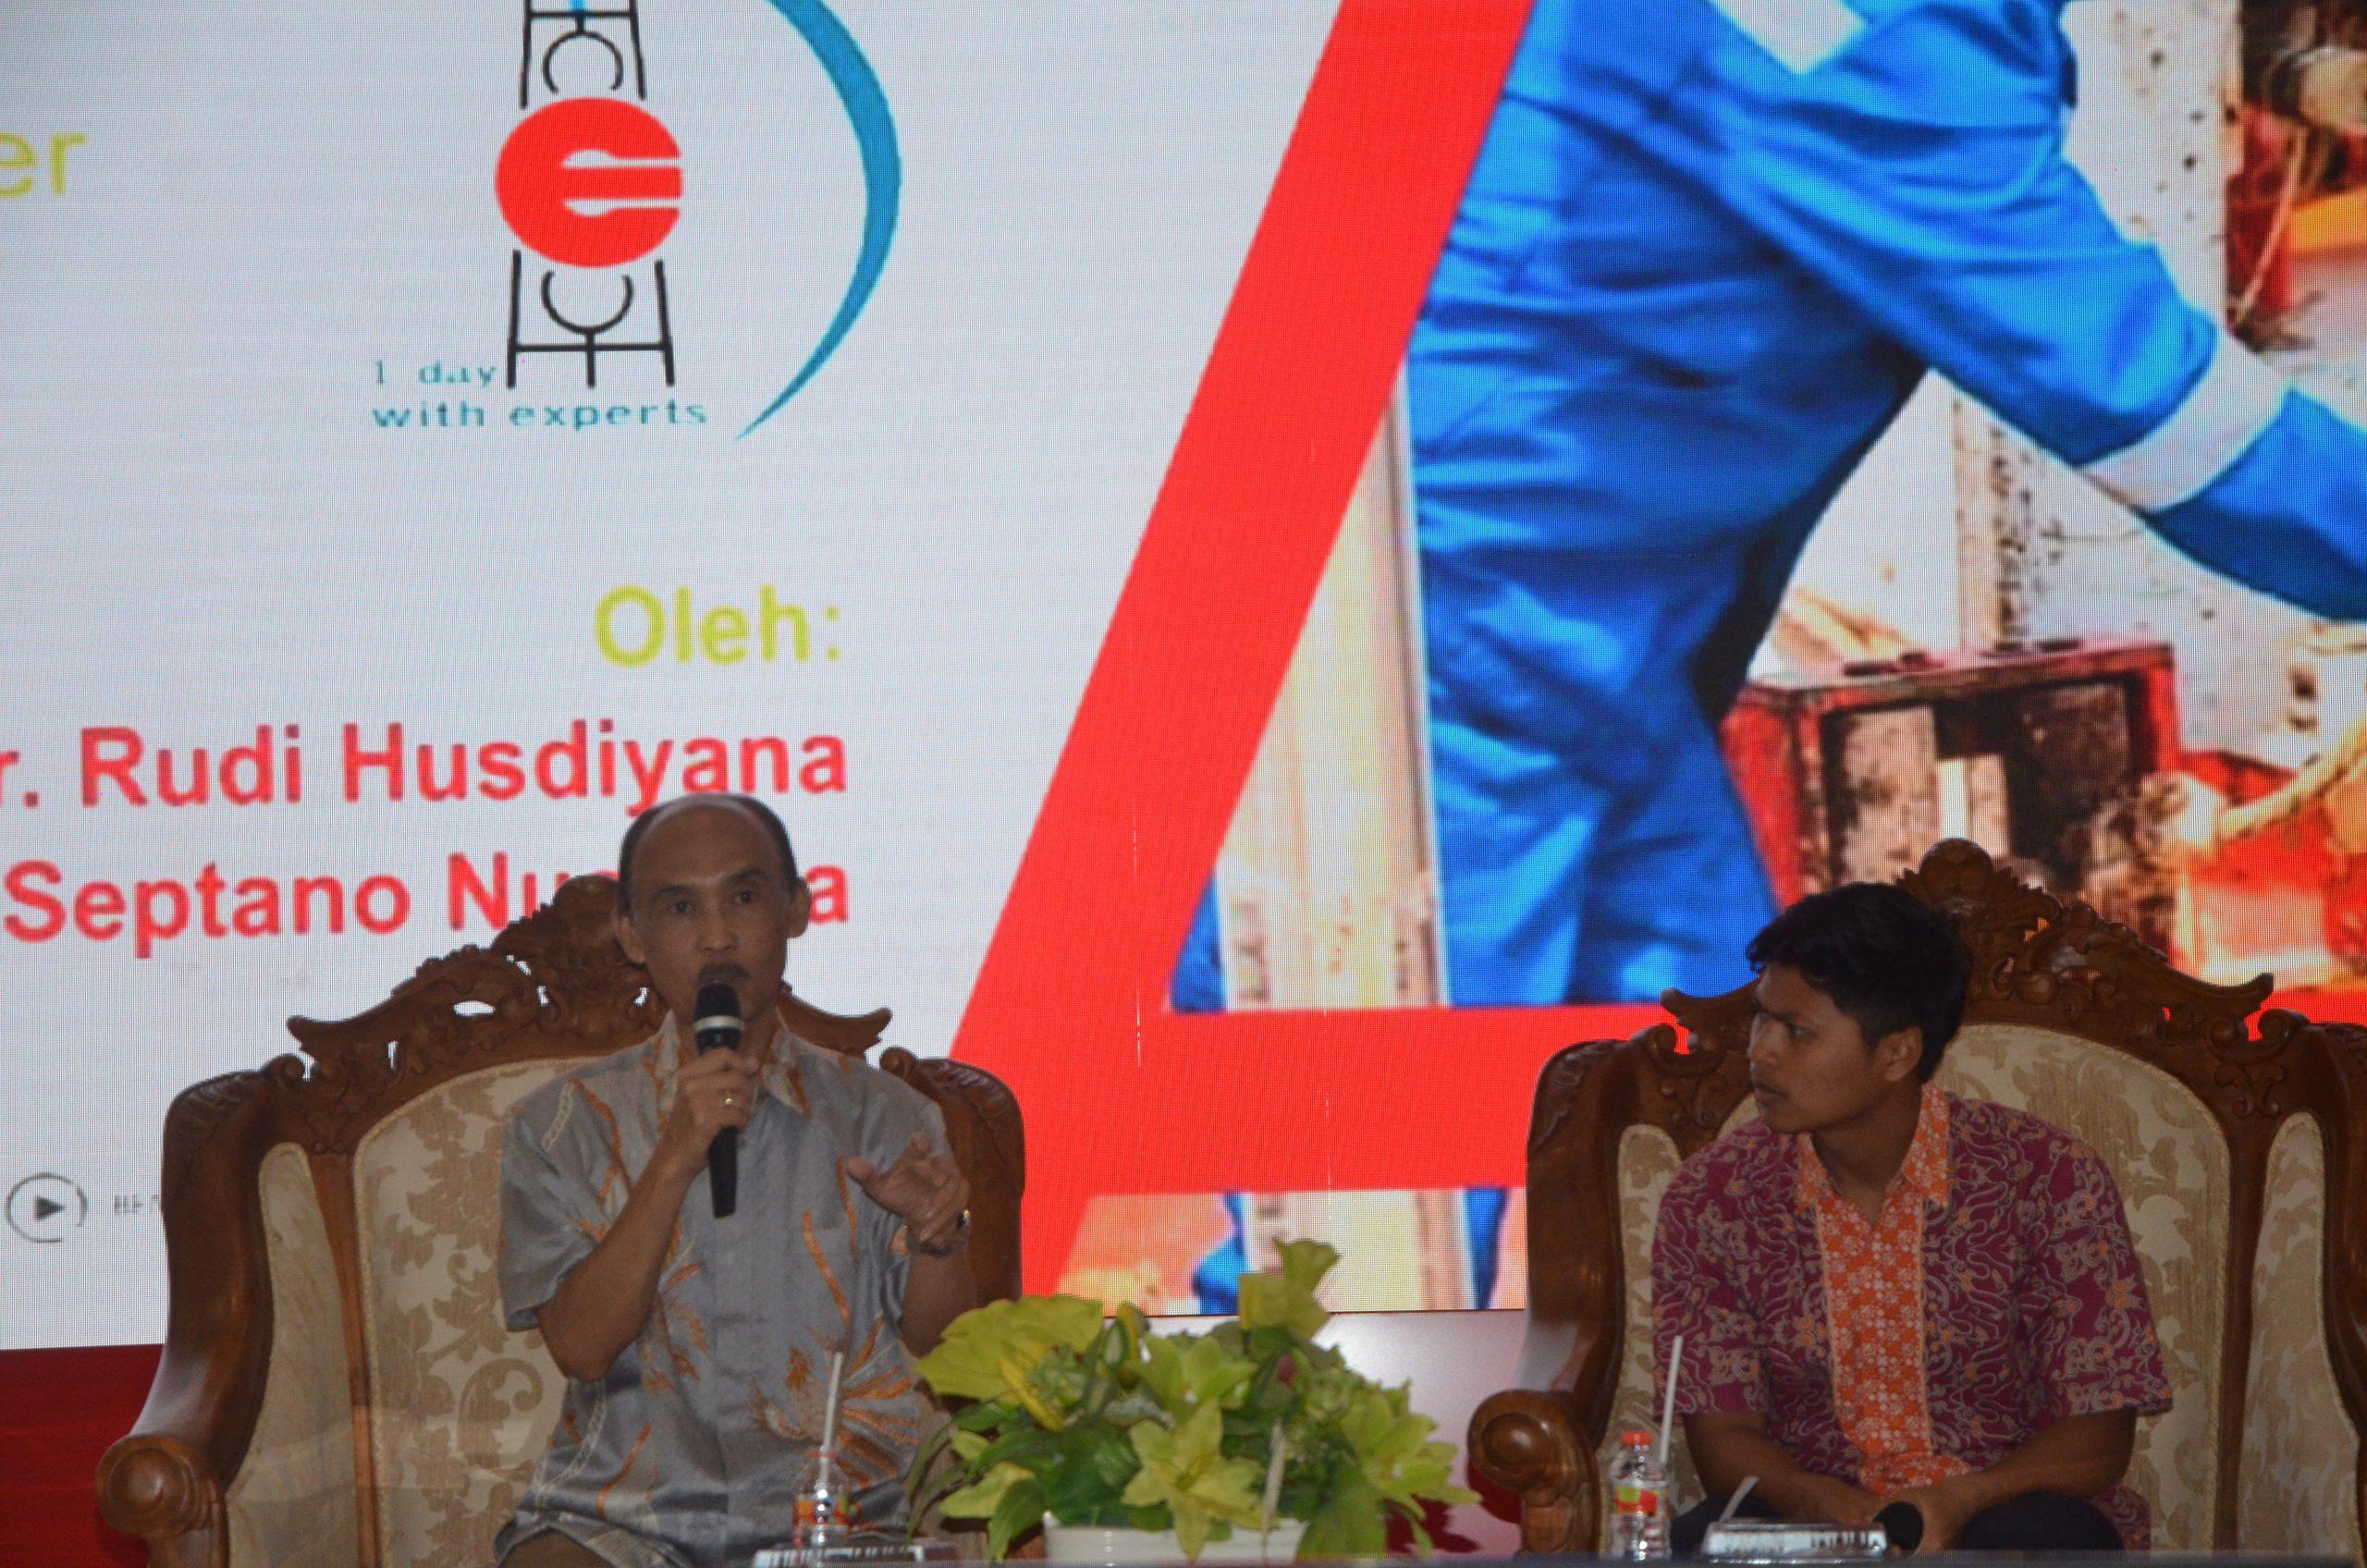 Kuliah Umum Bersama Rudi Husdiyana Dan Septano Nugraha, November 2019